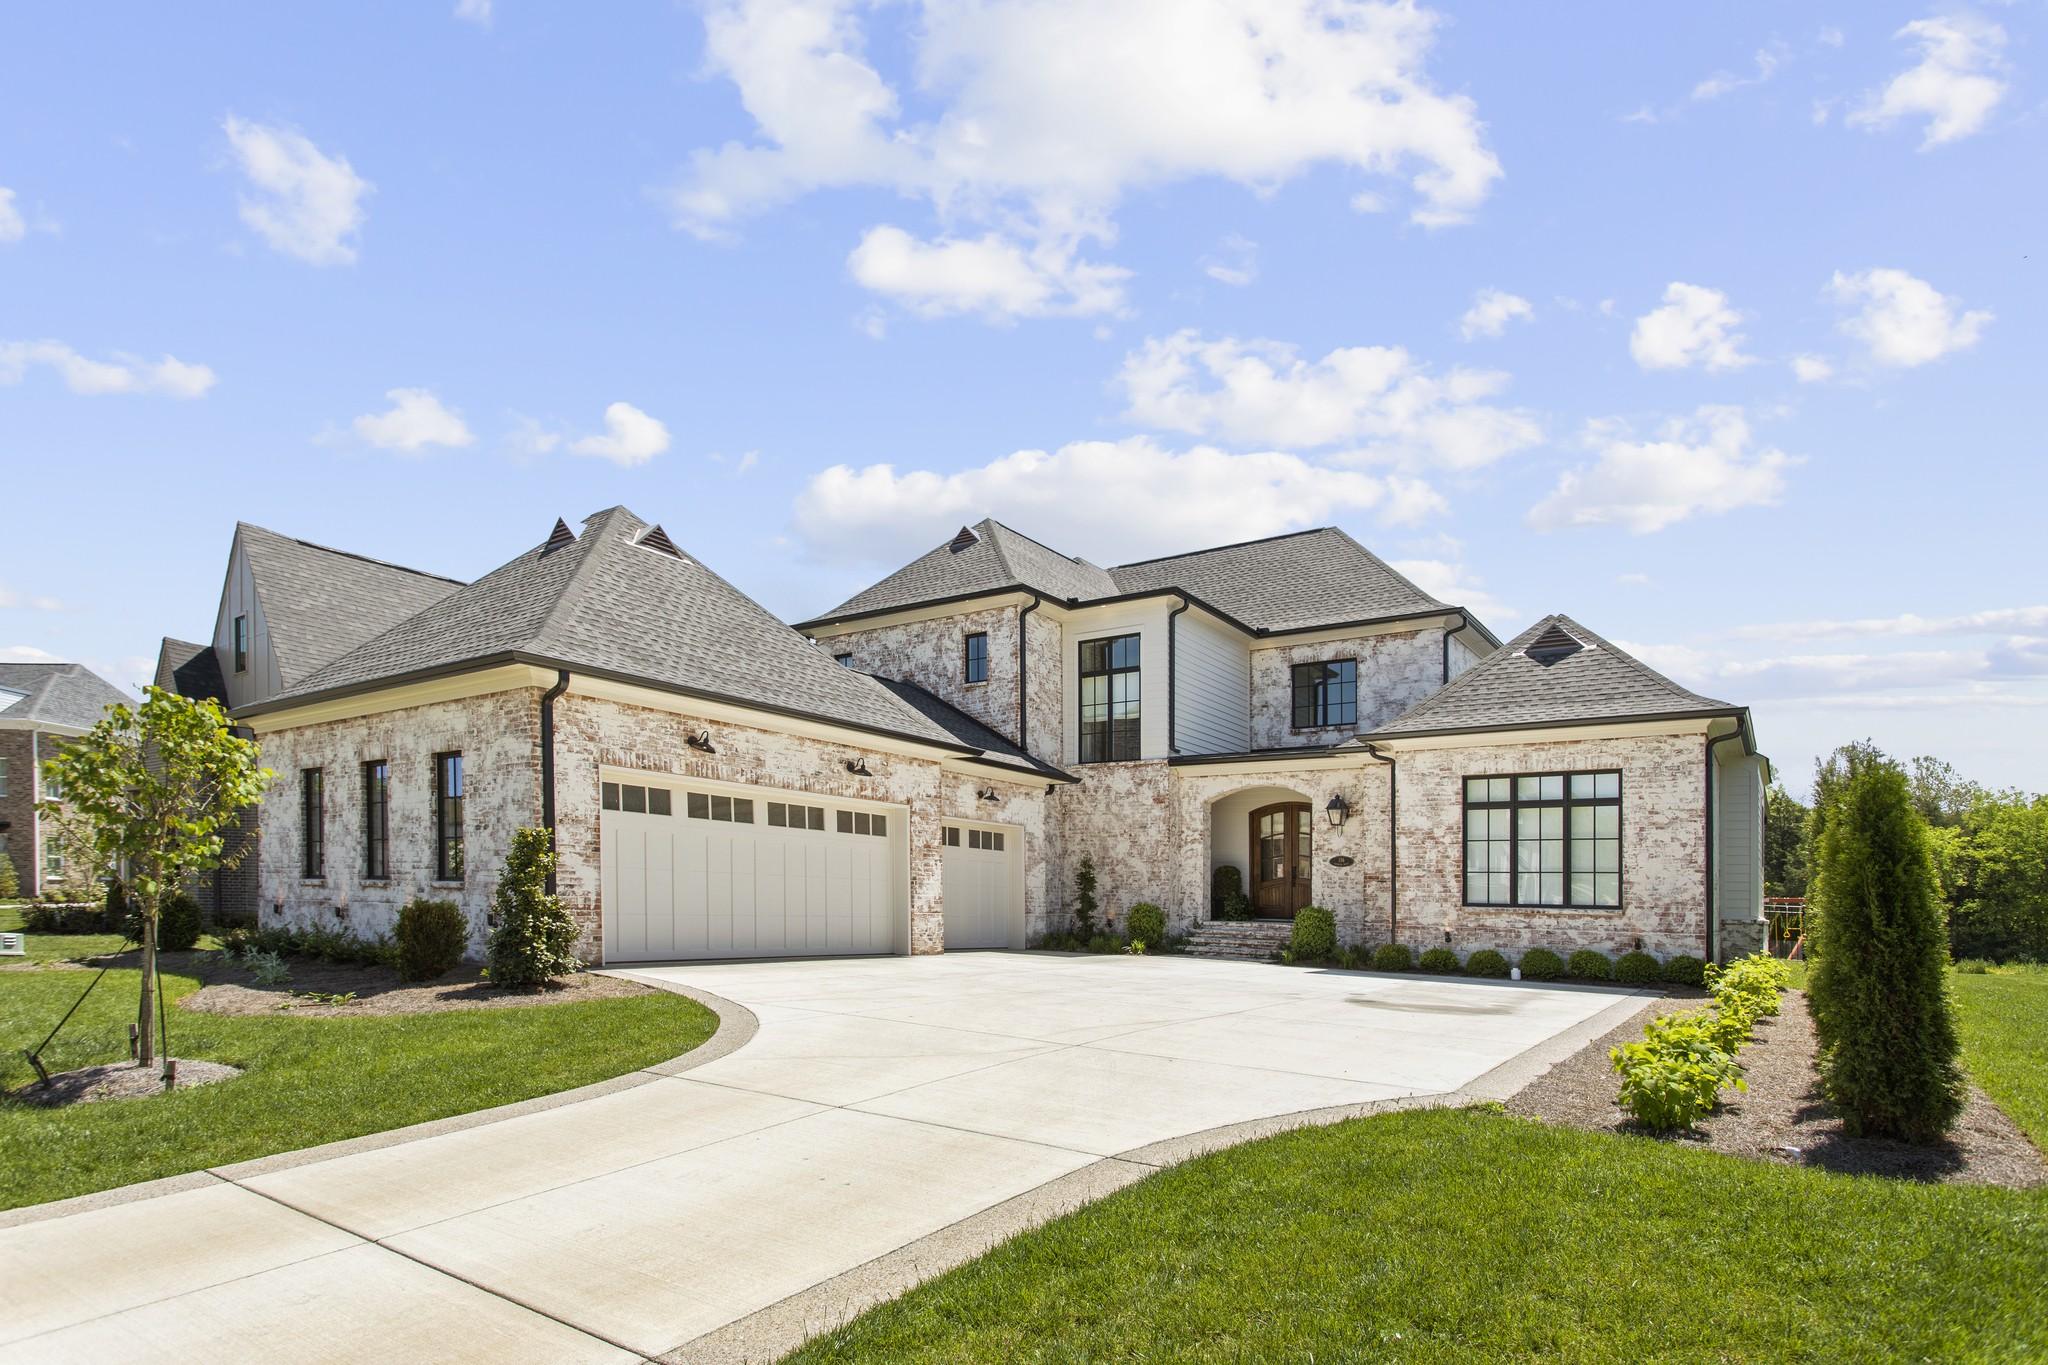 136 Glenrock Dr Property Photo